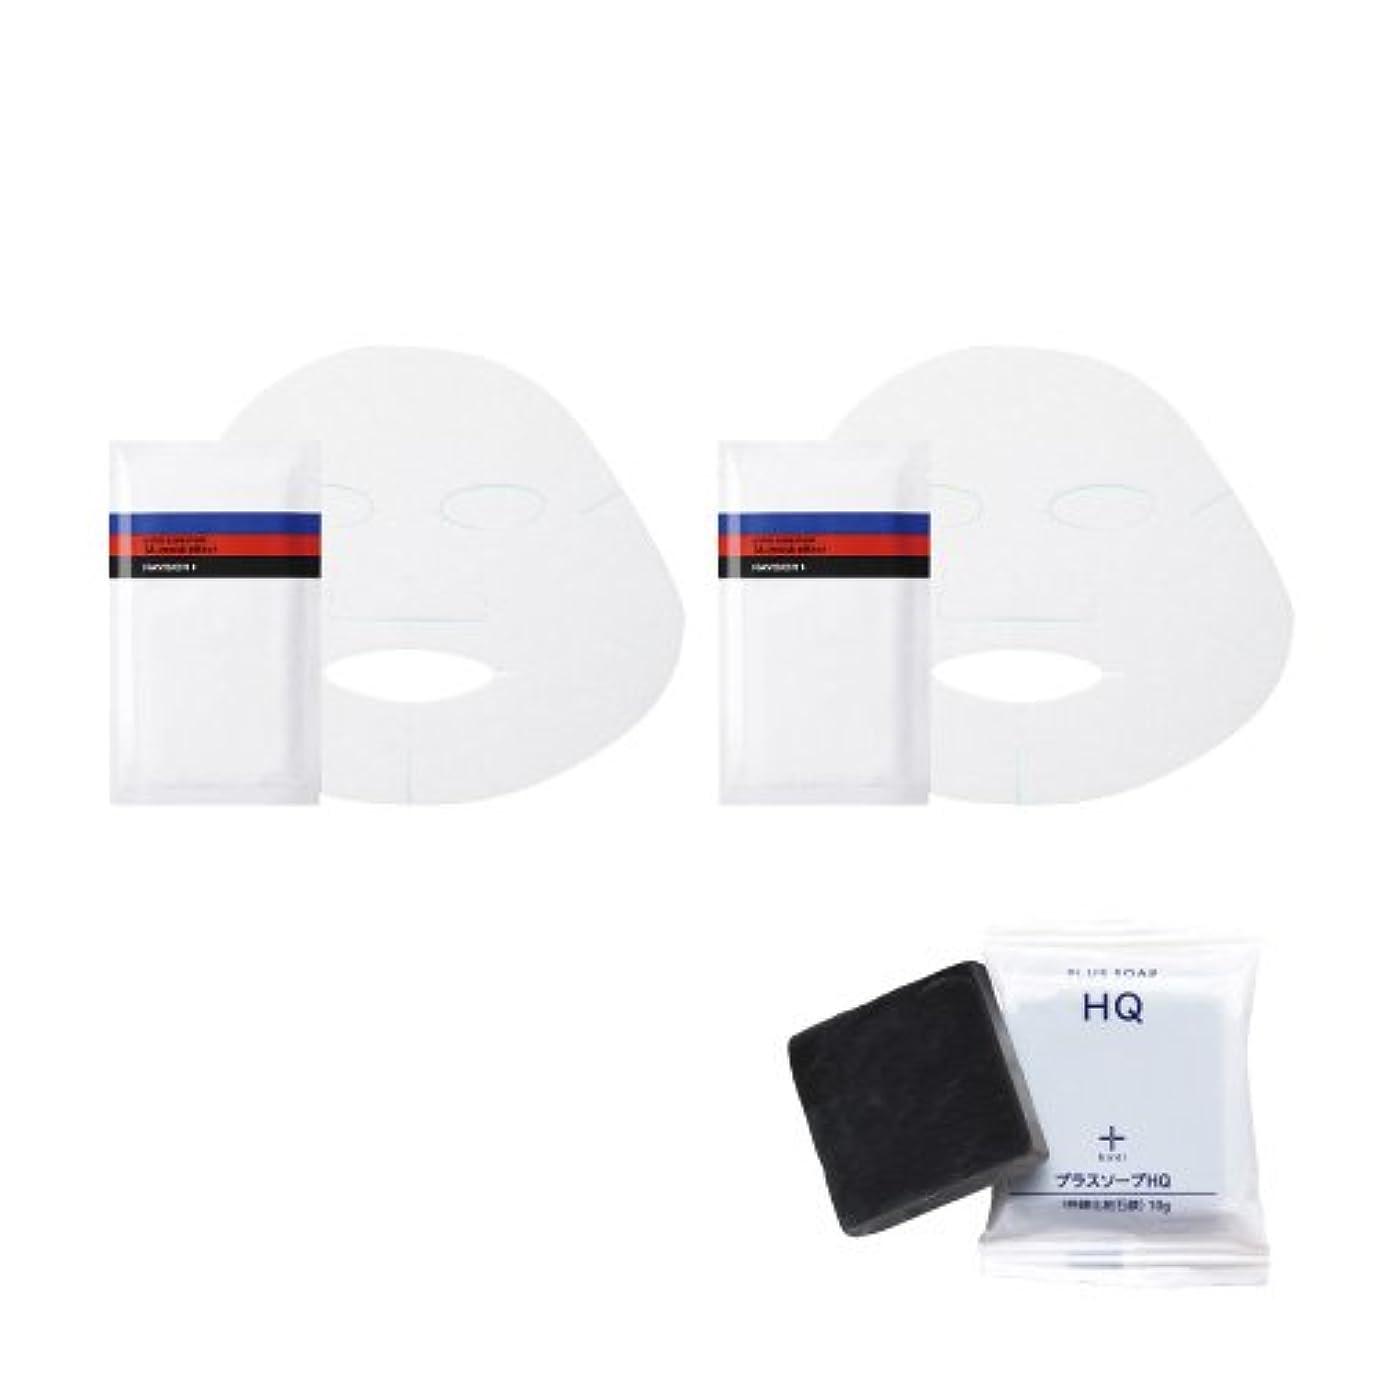 申請者義務付けられた電卓ナビジョン NAVISION TAマスクエフェクト ~ニキビのもとになりにくい処方 薬用美白マスク (2個+ミニソープセット)